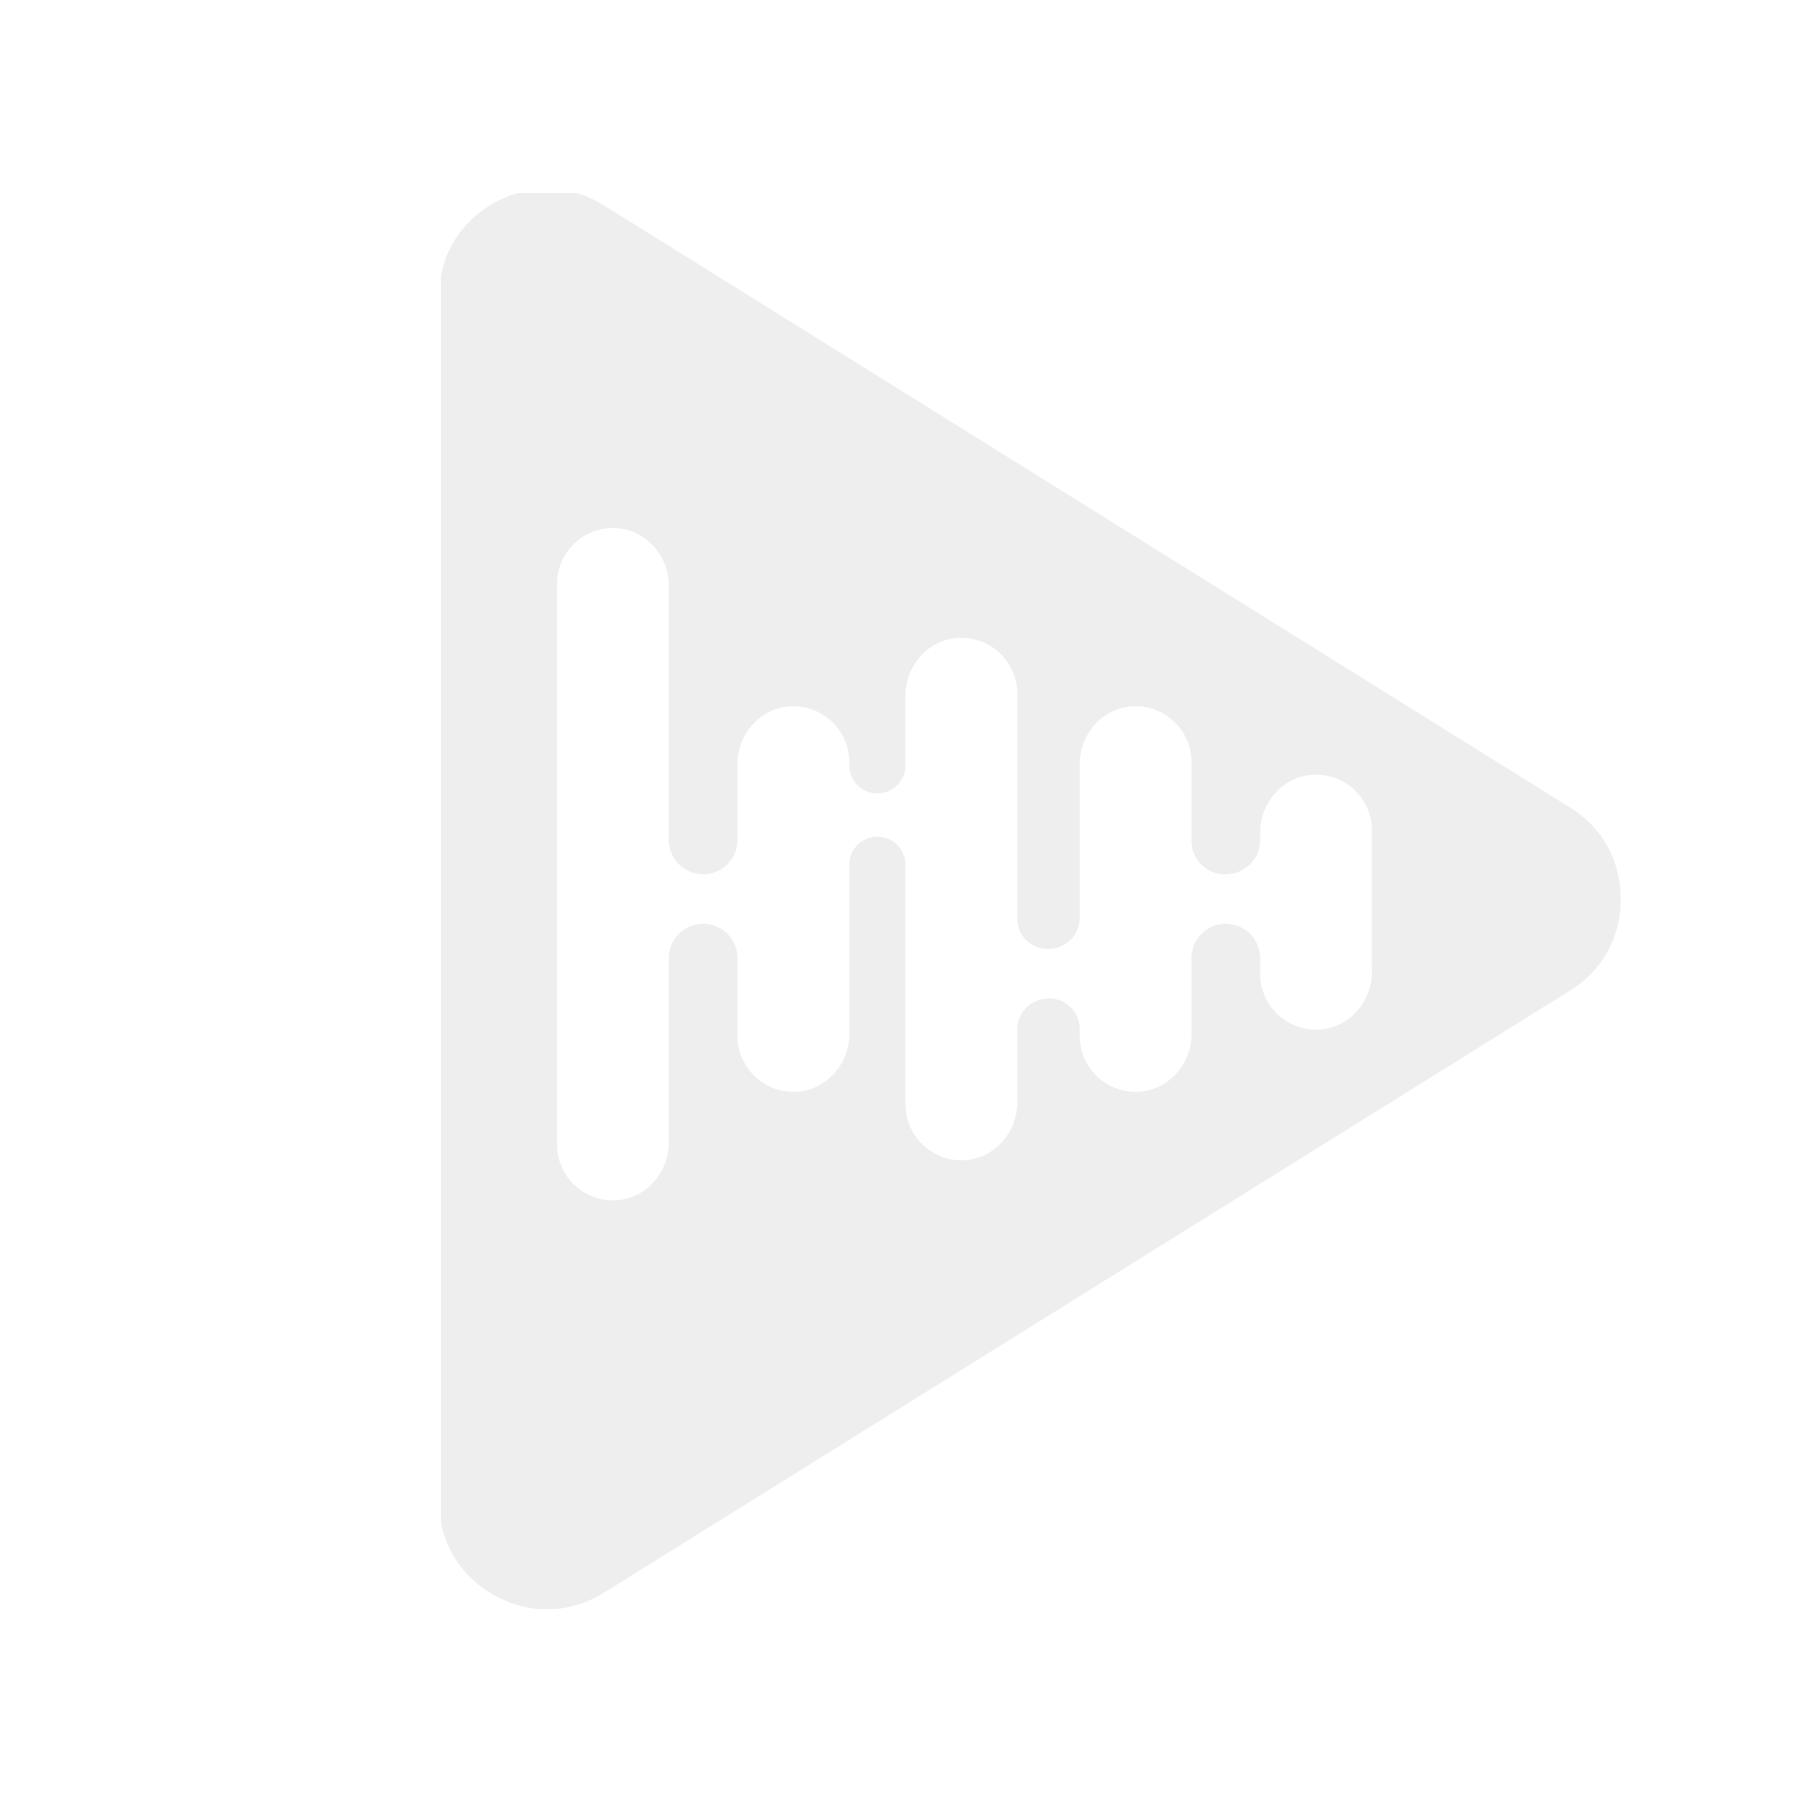 Speedsignal B-3444725+C6001-AL32V